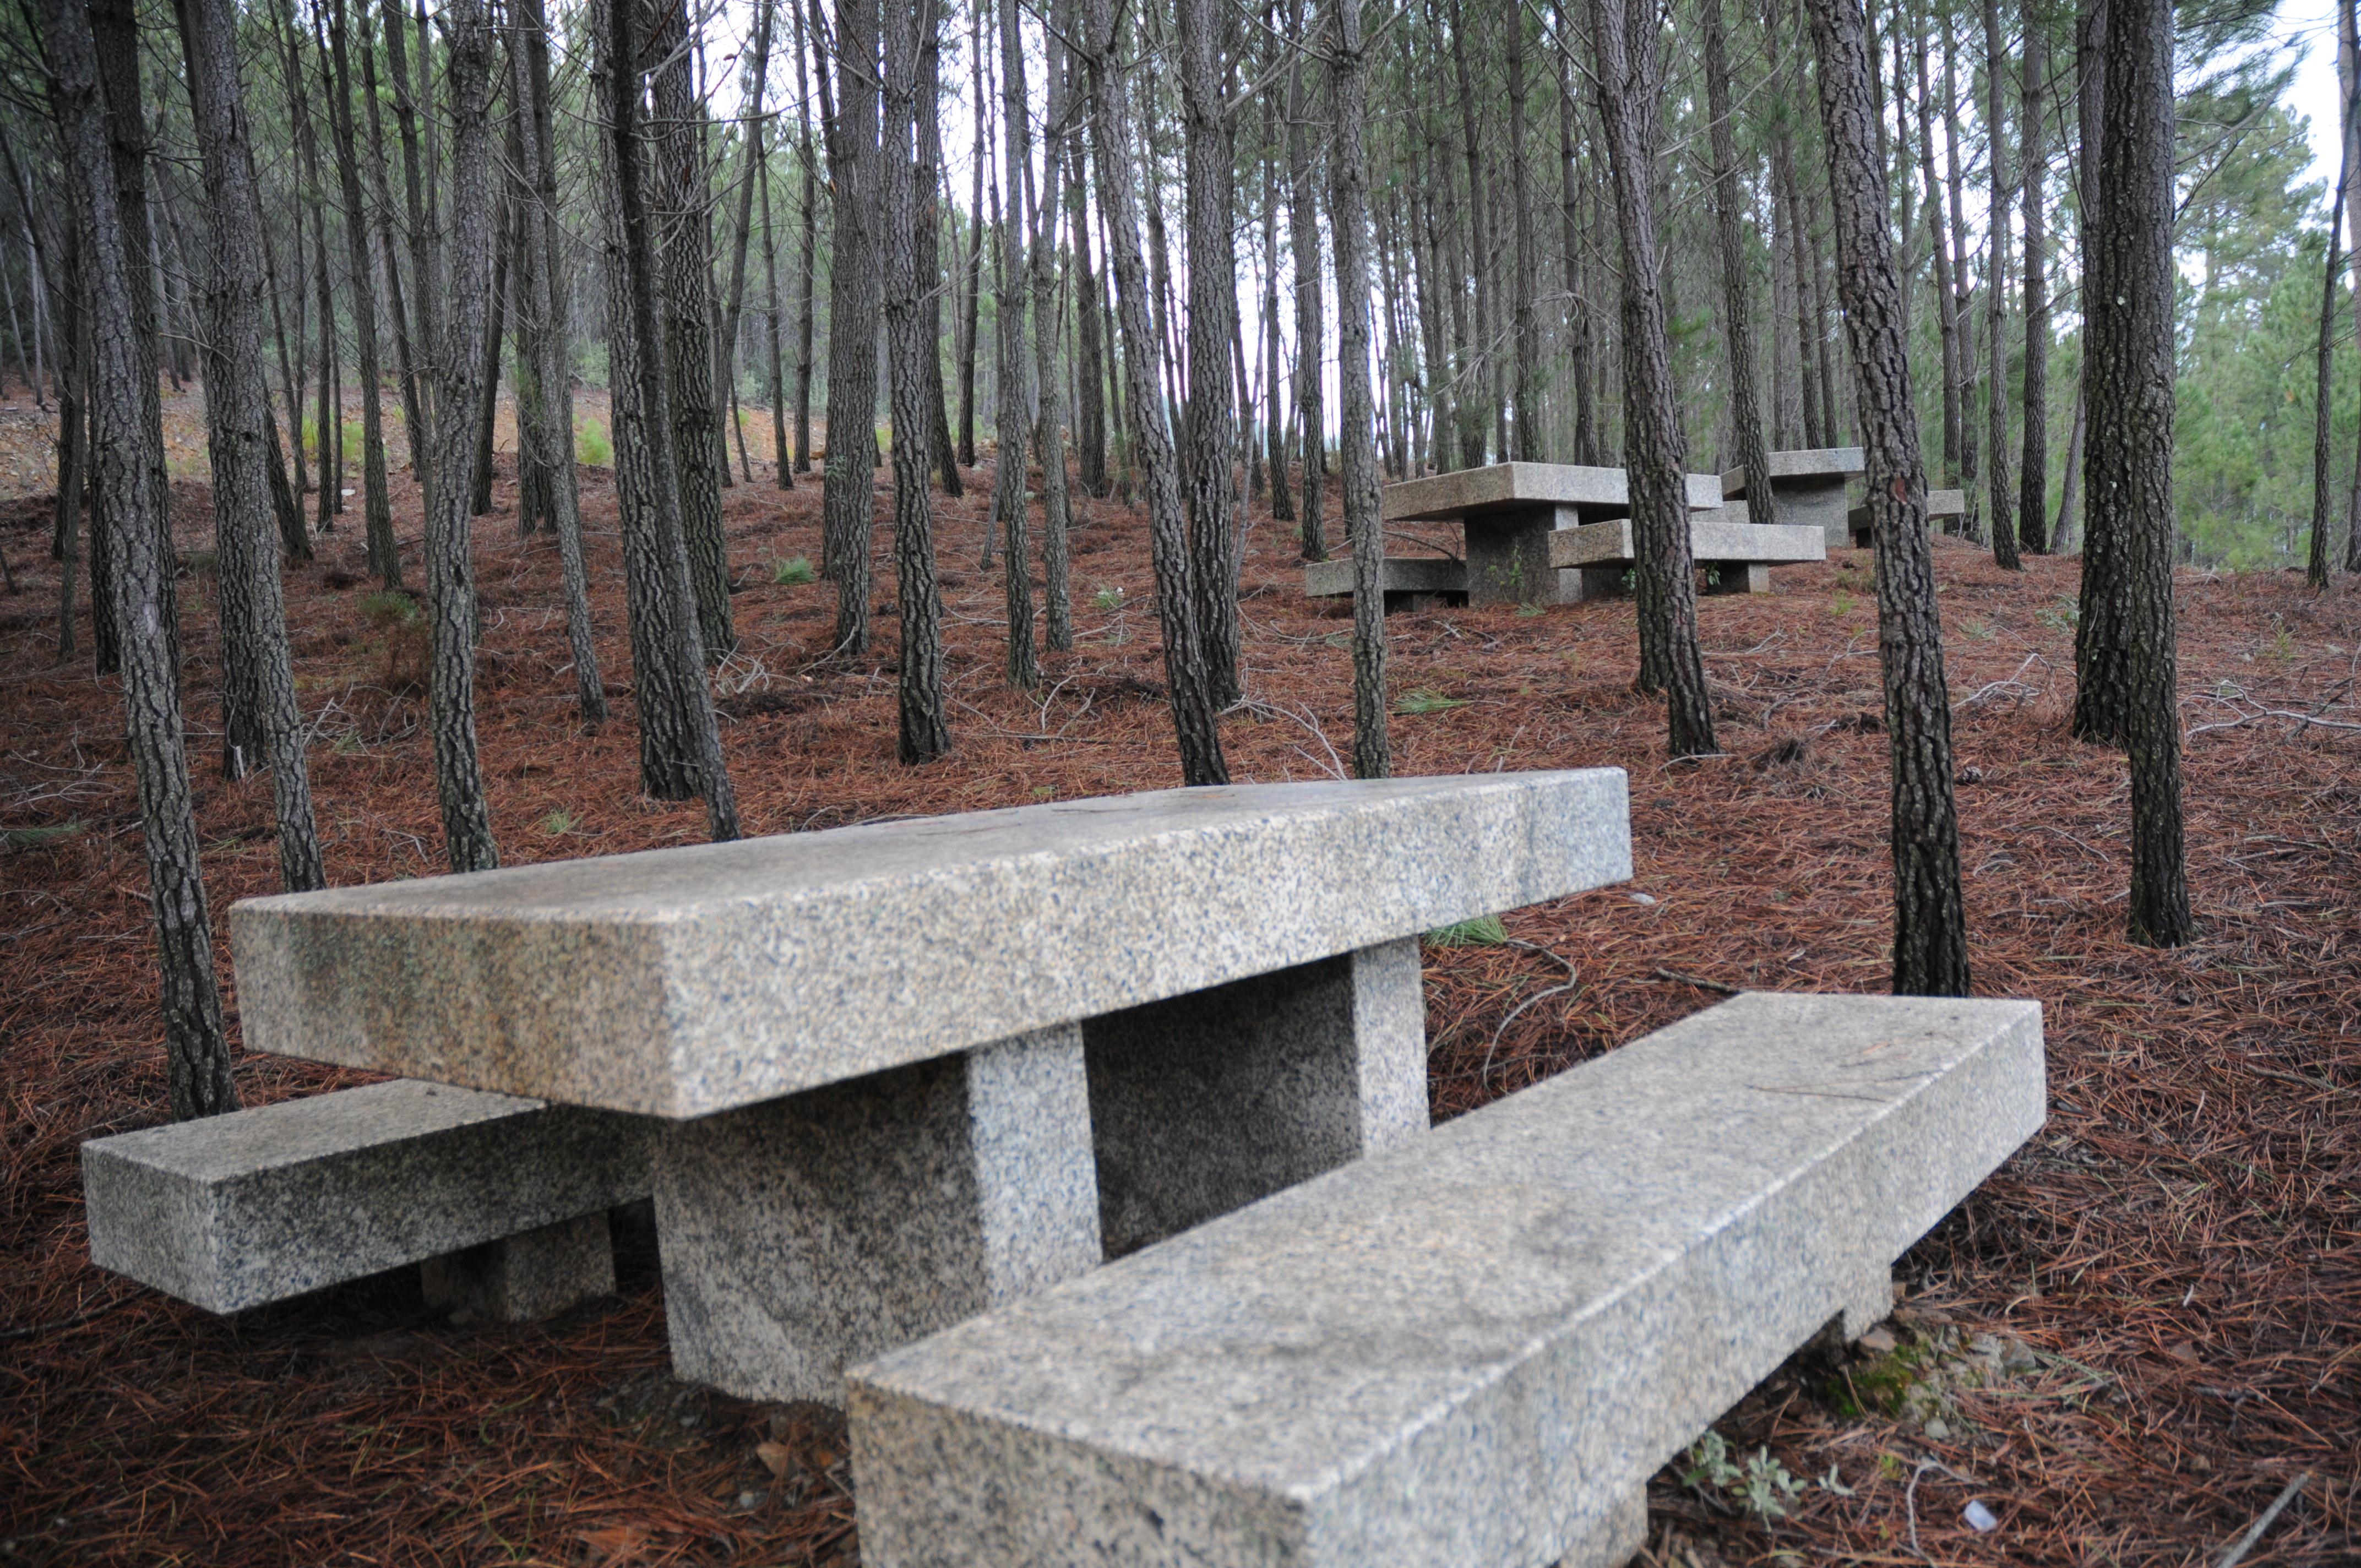 Parque de Merendas serra da contenda